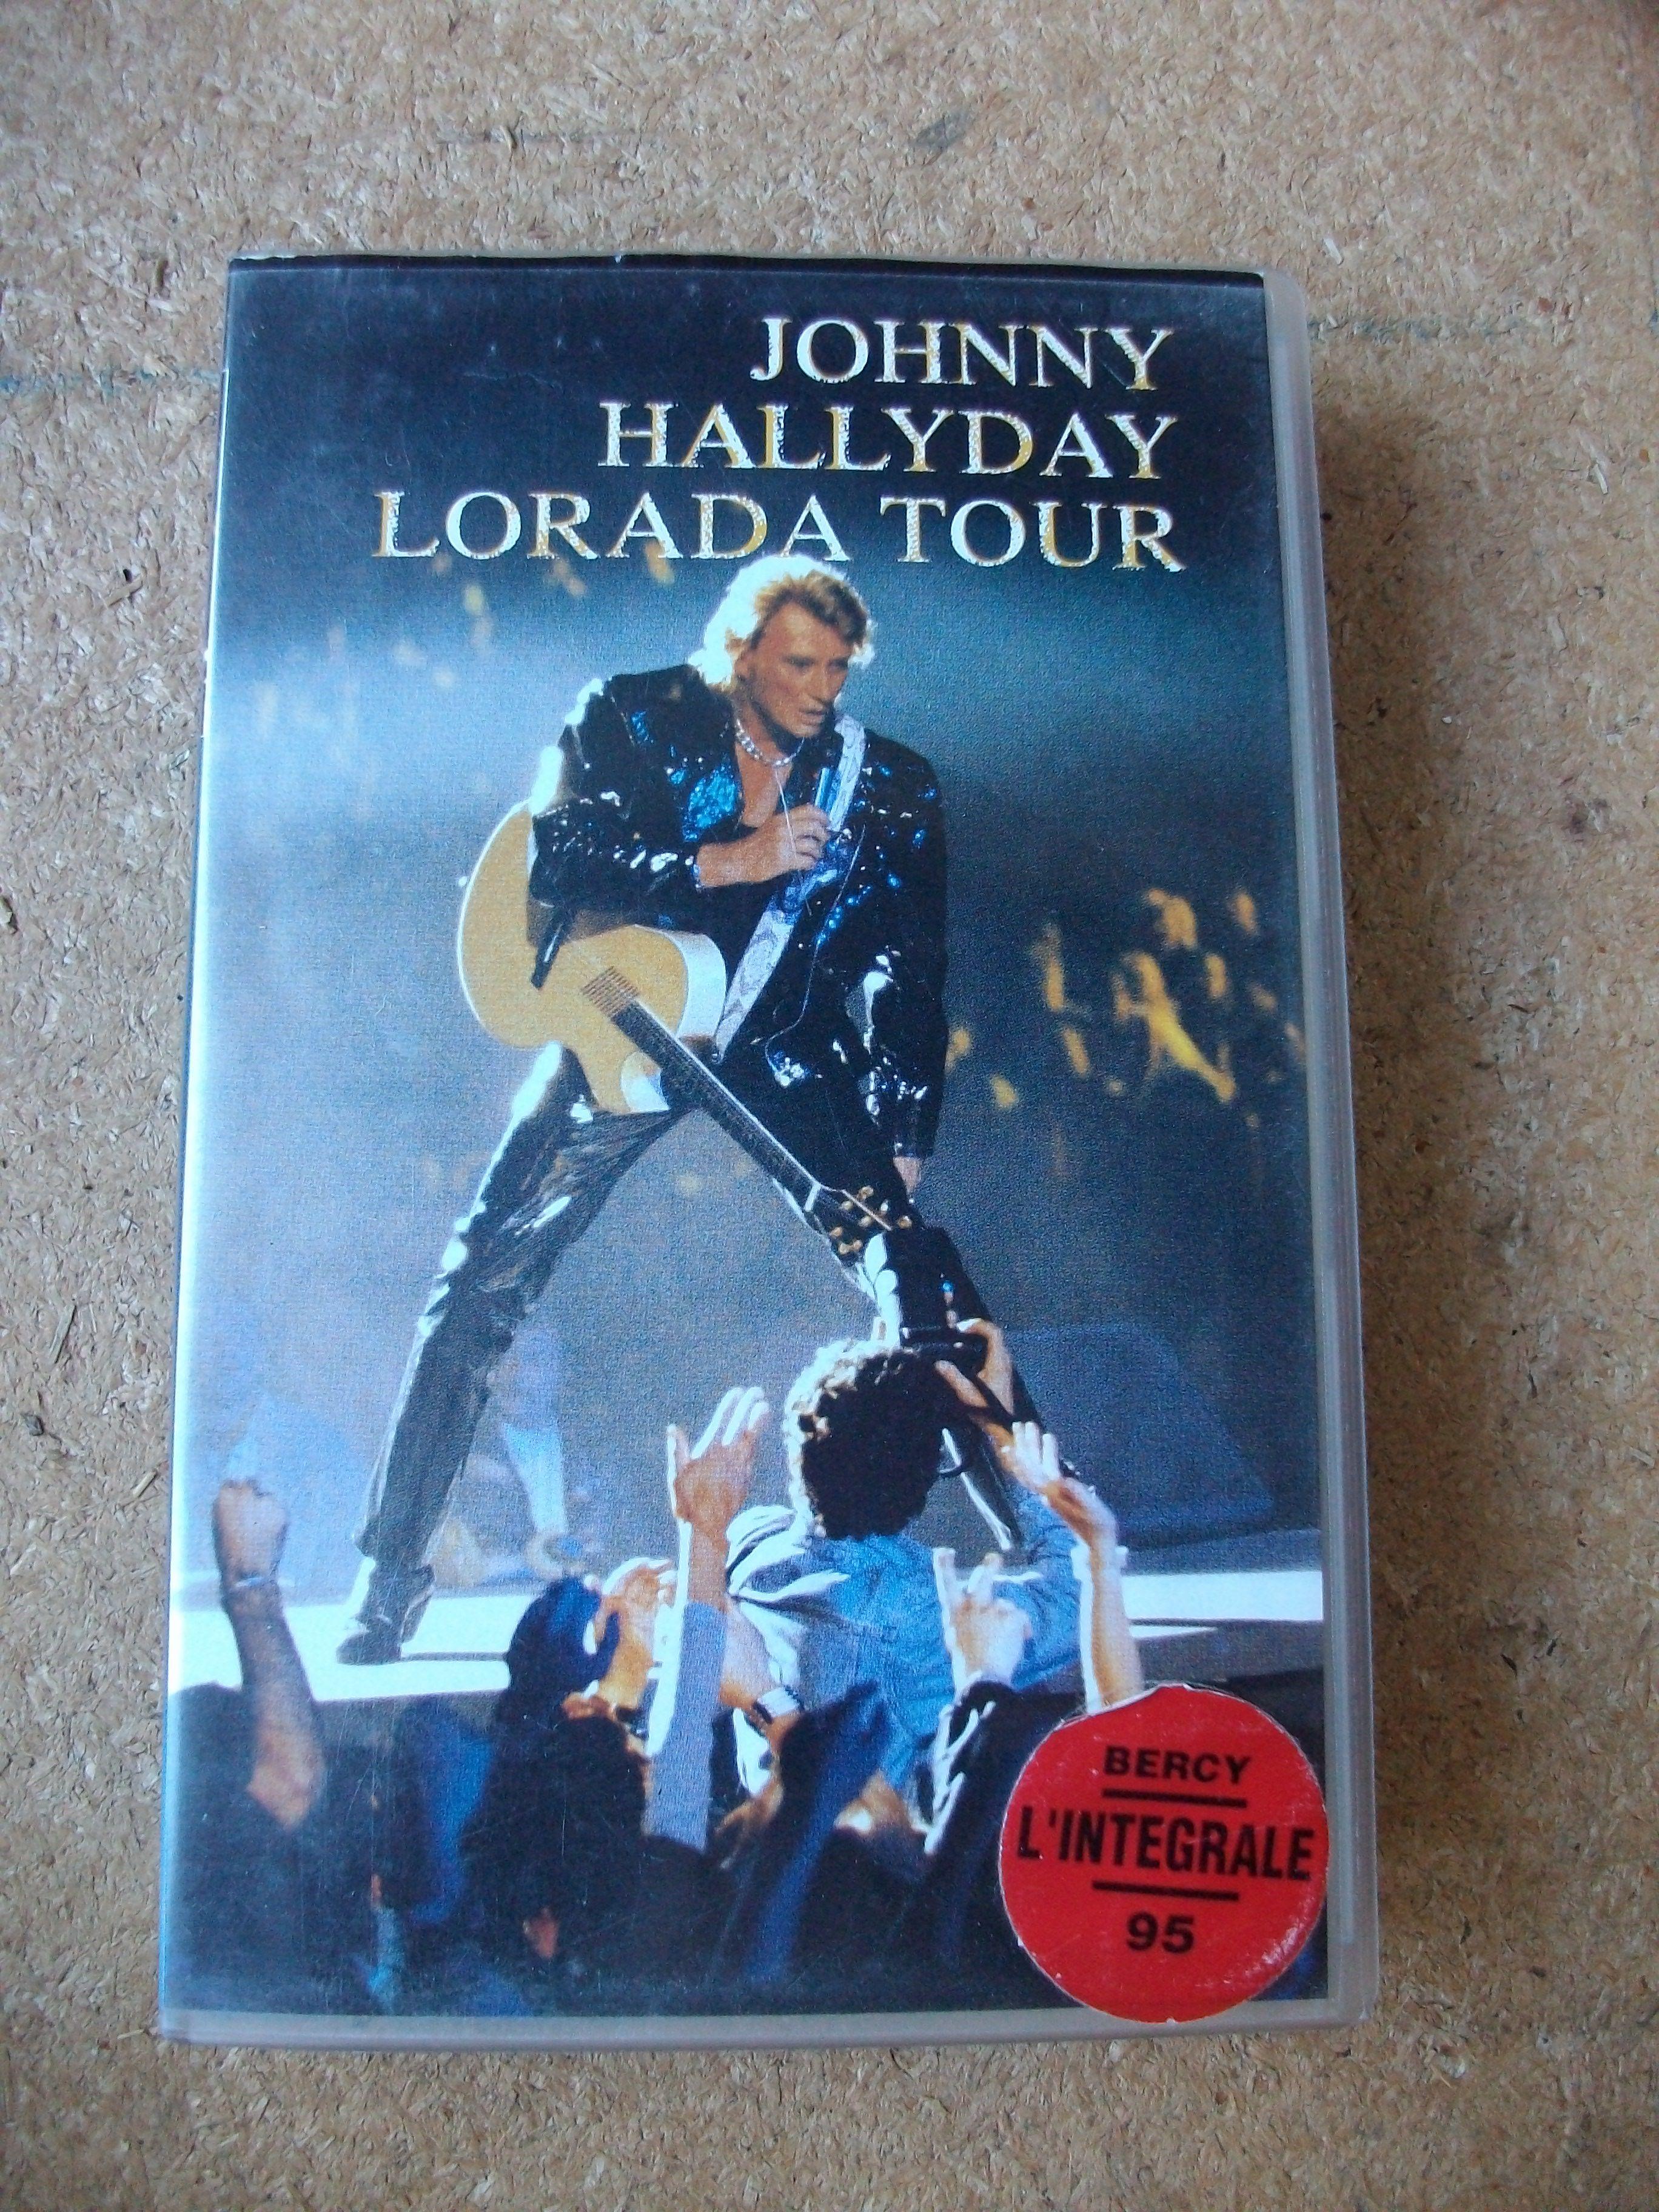 k7 Vidéo Musicale de Johnny Hallyday à 2,50 € 2 Bouxwiller (67)